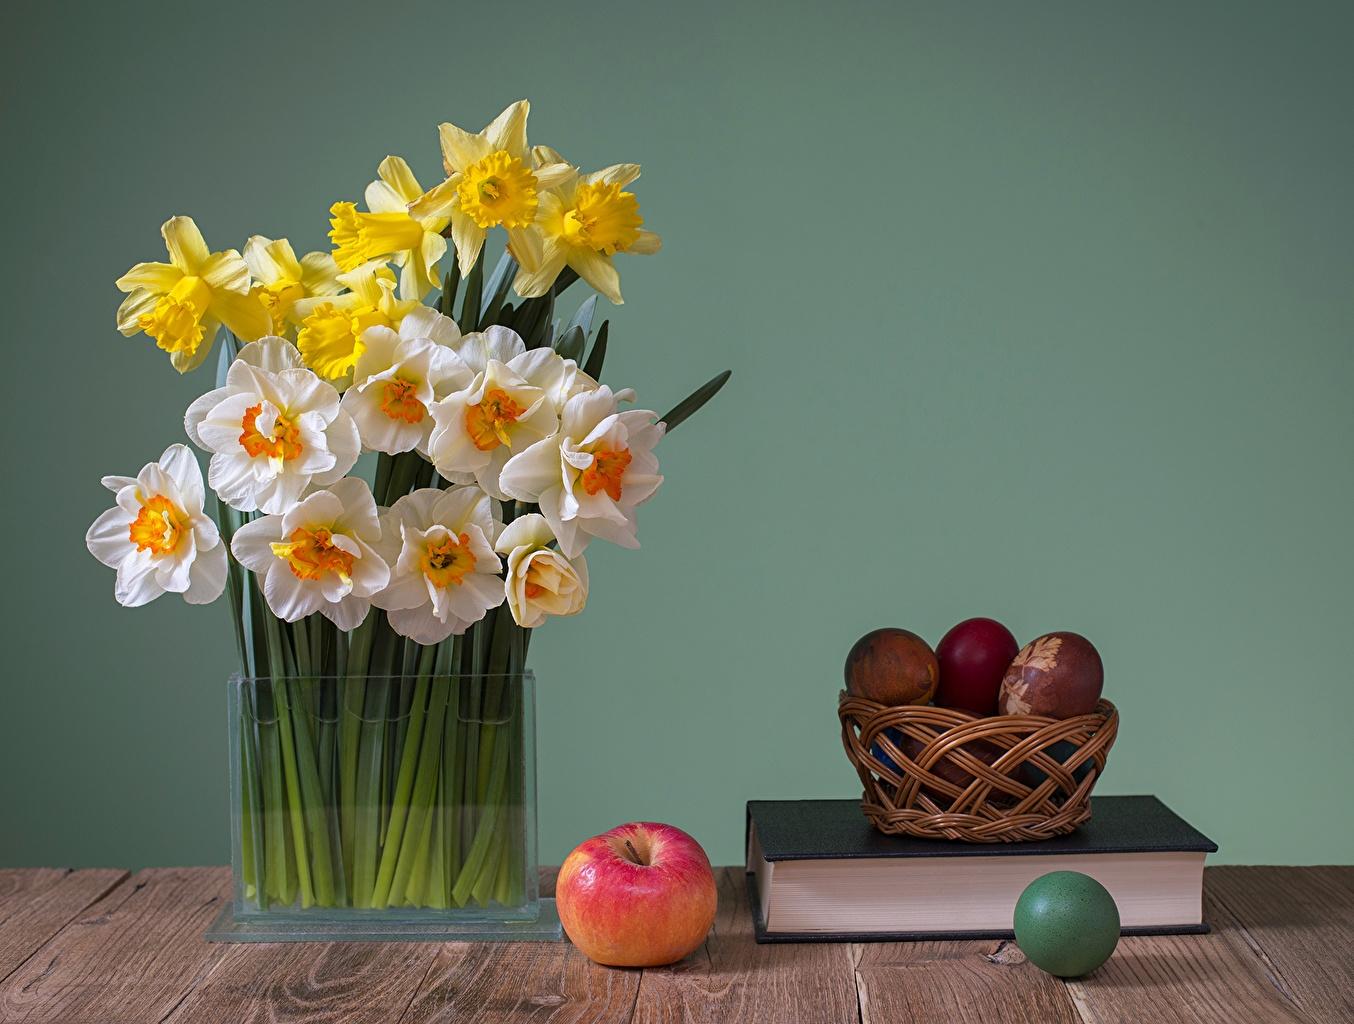 церковный праздник сегодня 30 апреля